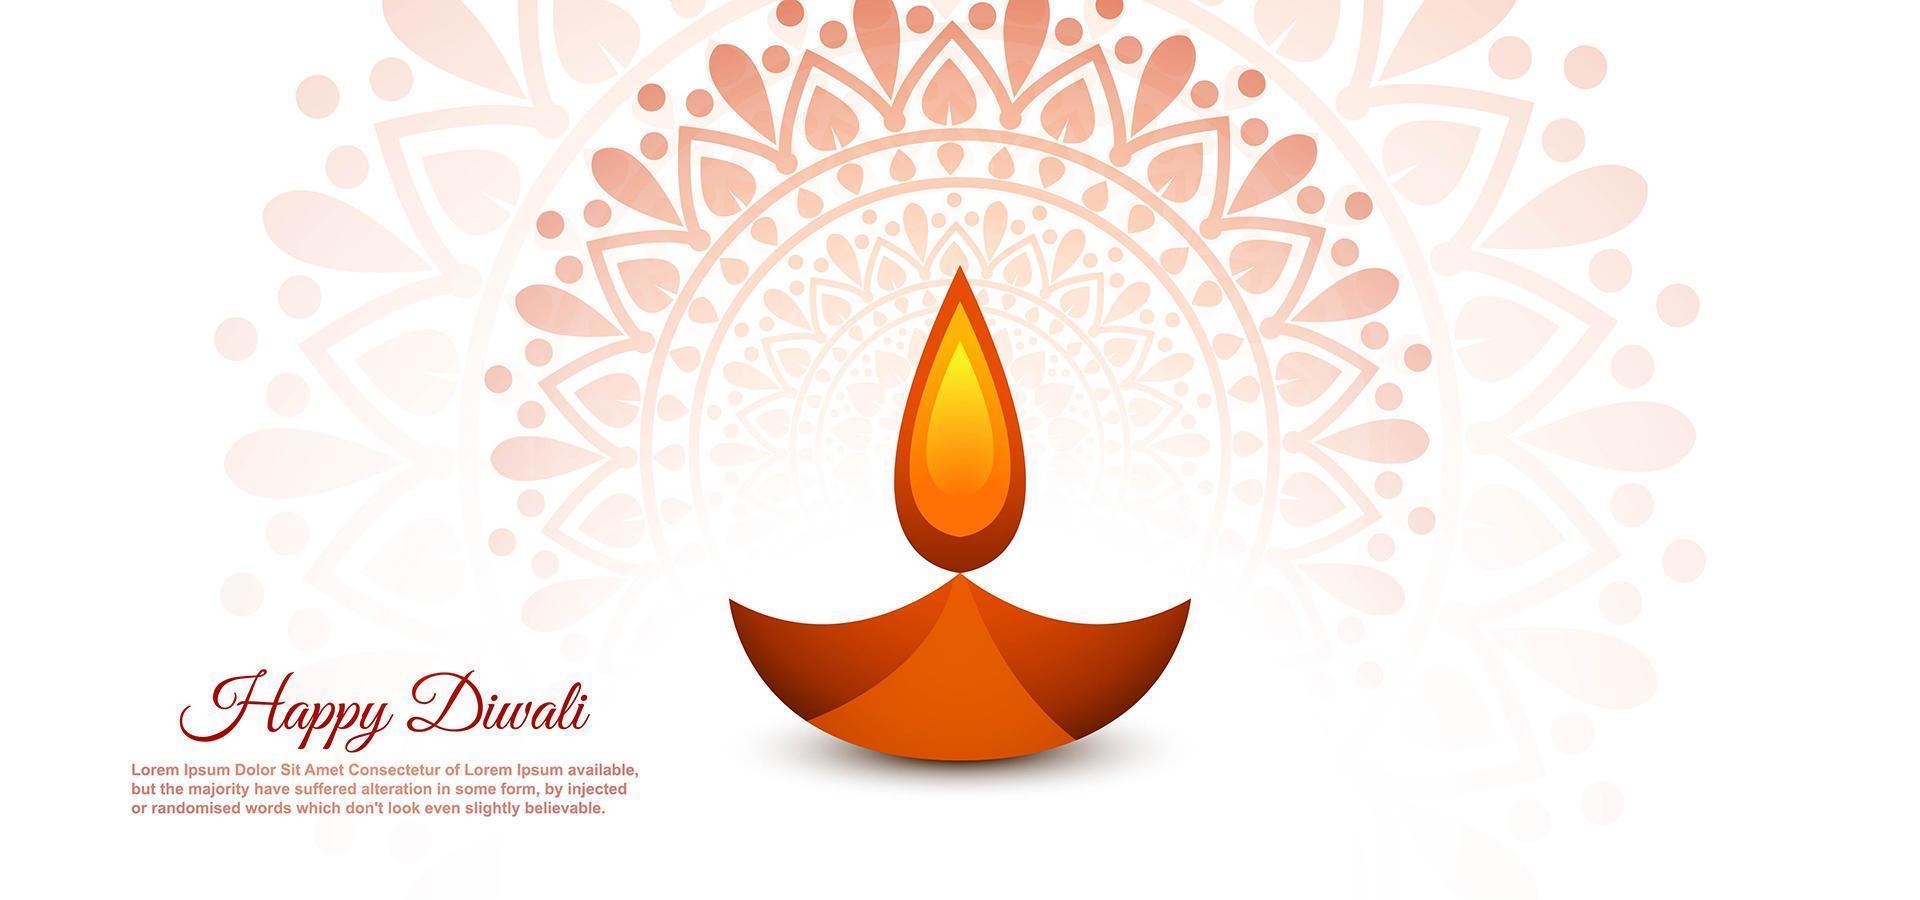 bellissimo diwali diya adorabile festival vettoriale